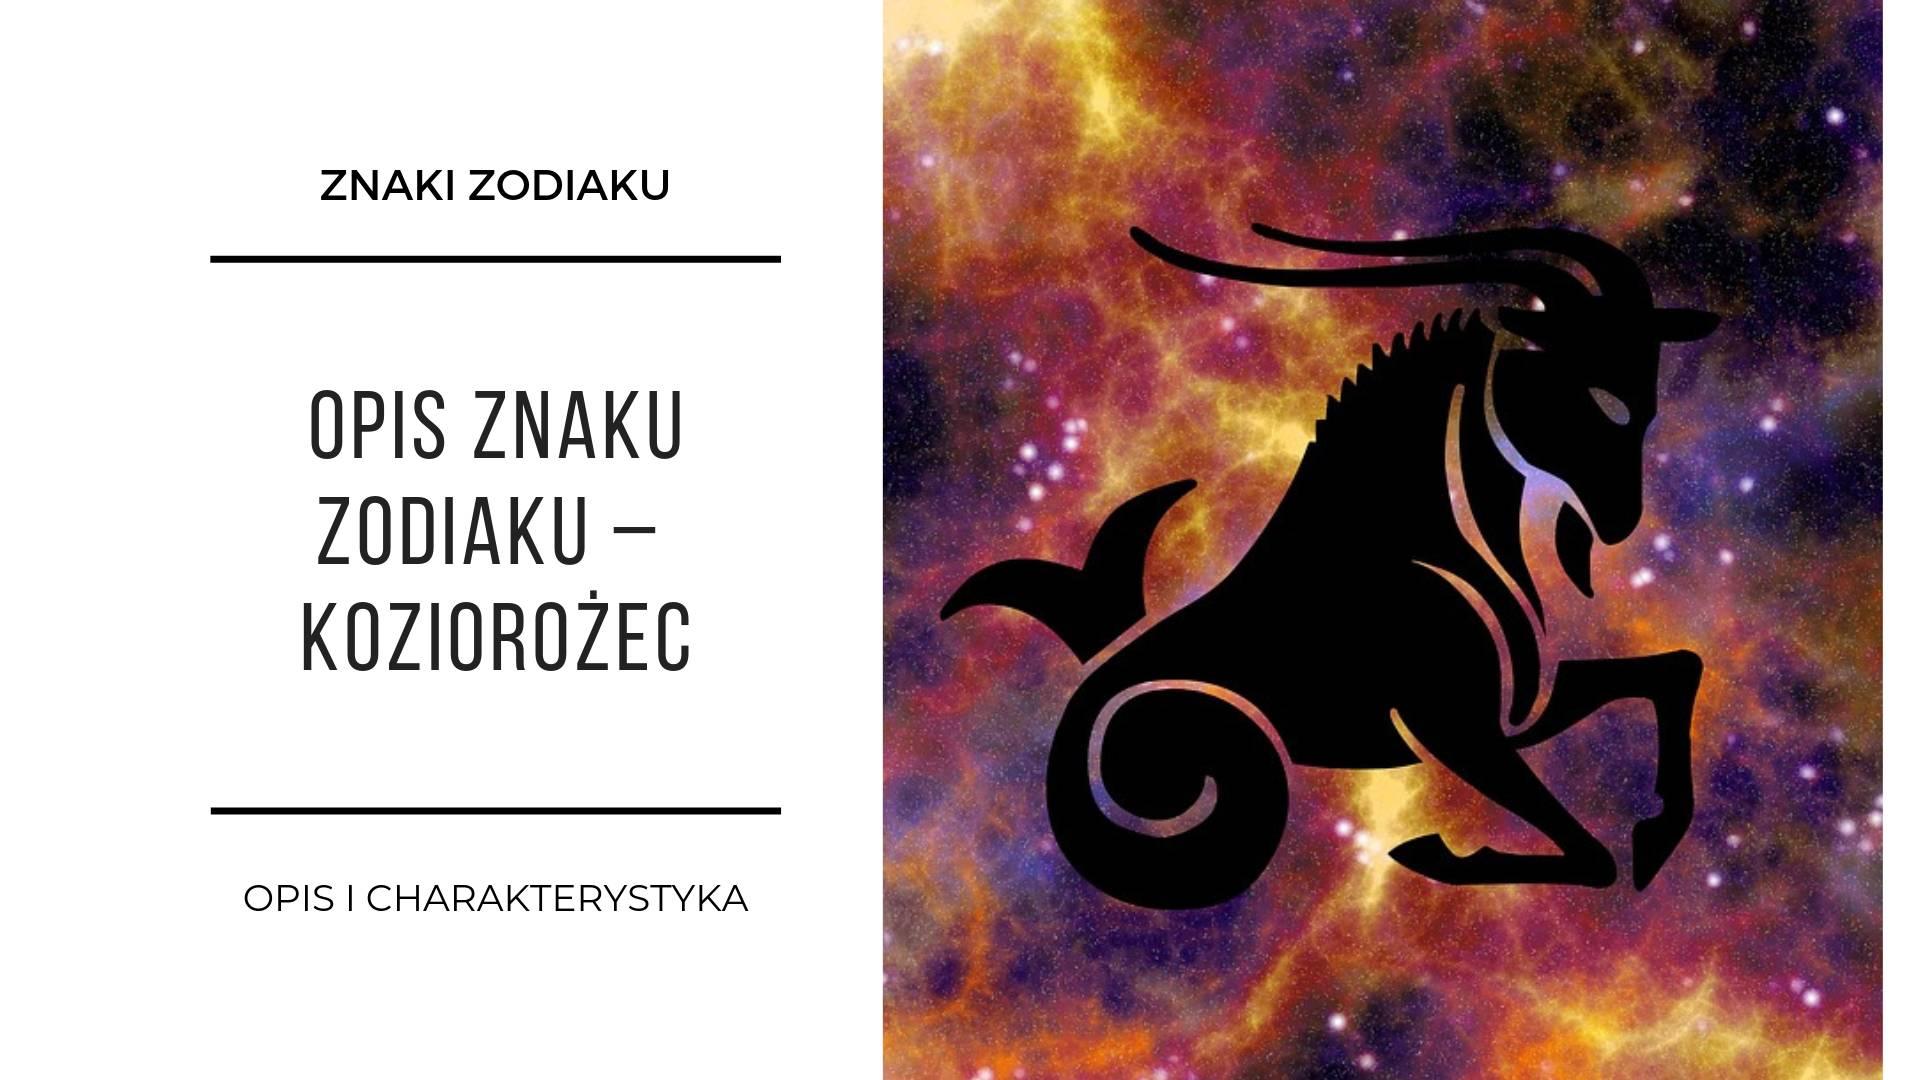 Znaki zodiaku 12